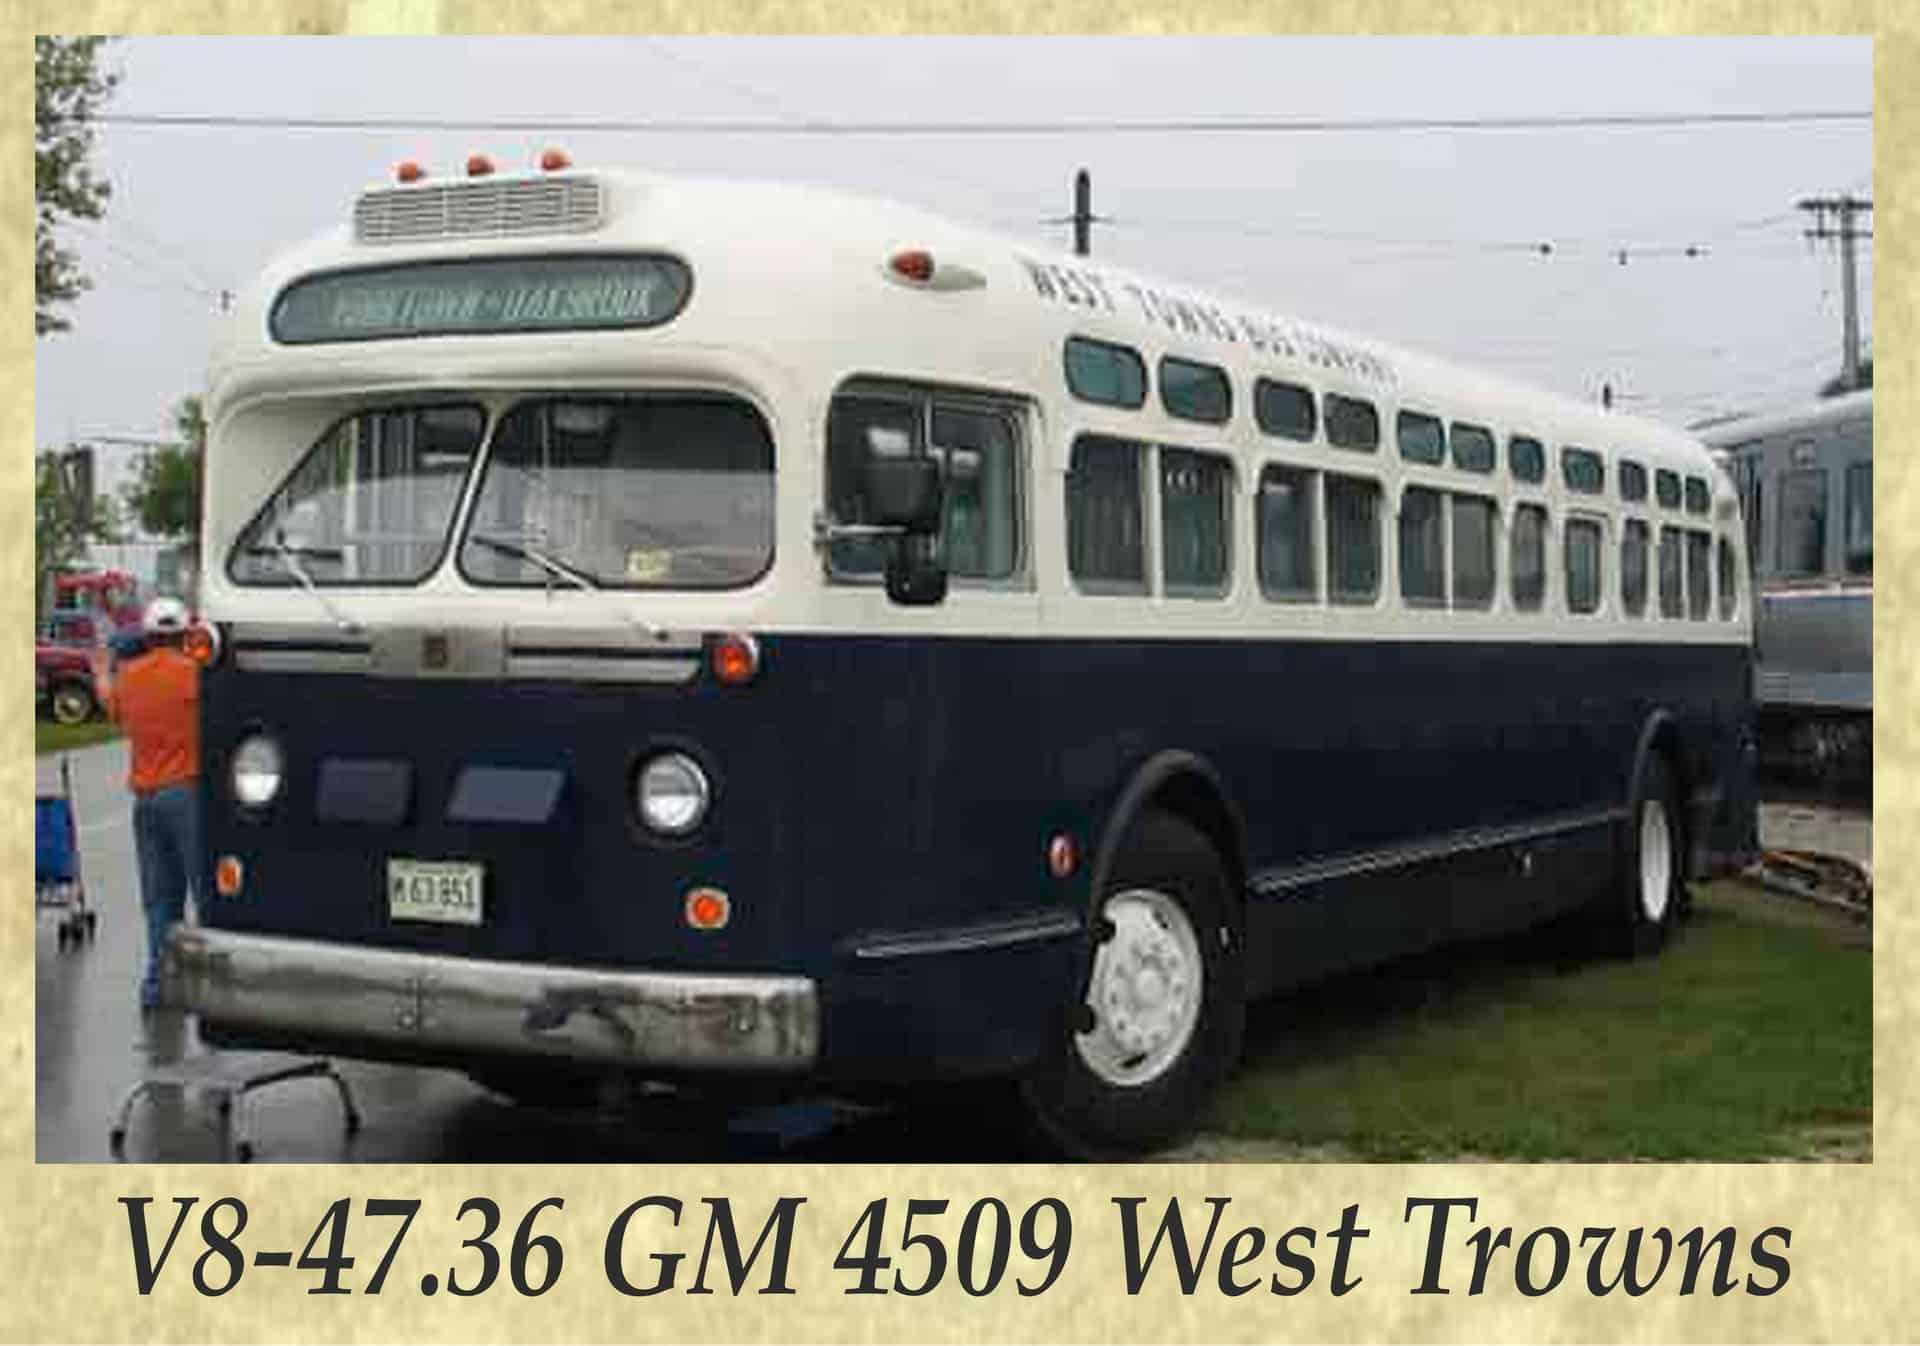 V8-47.36 GM 4509 West Trowns